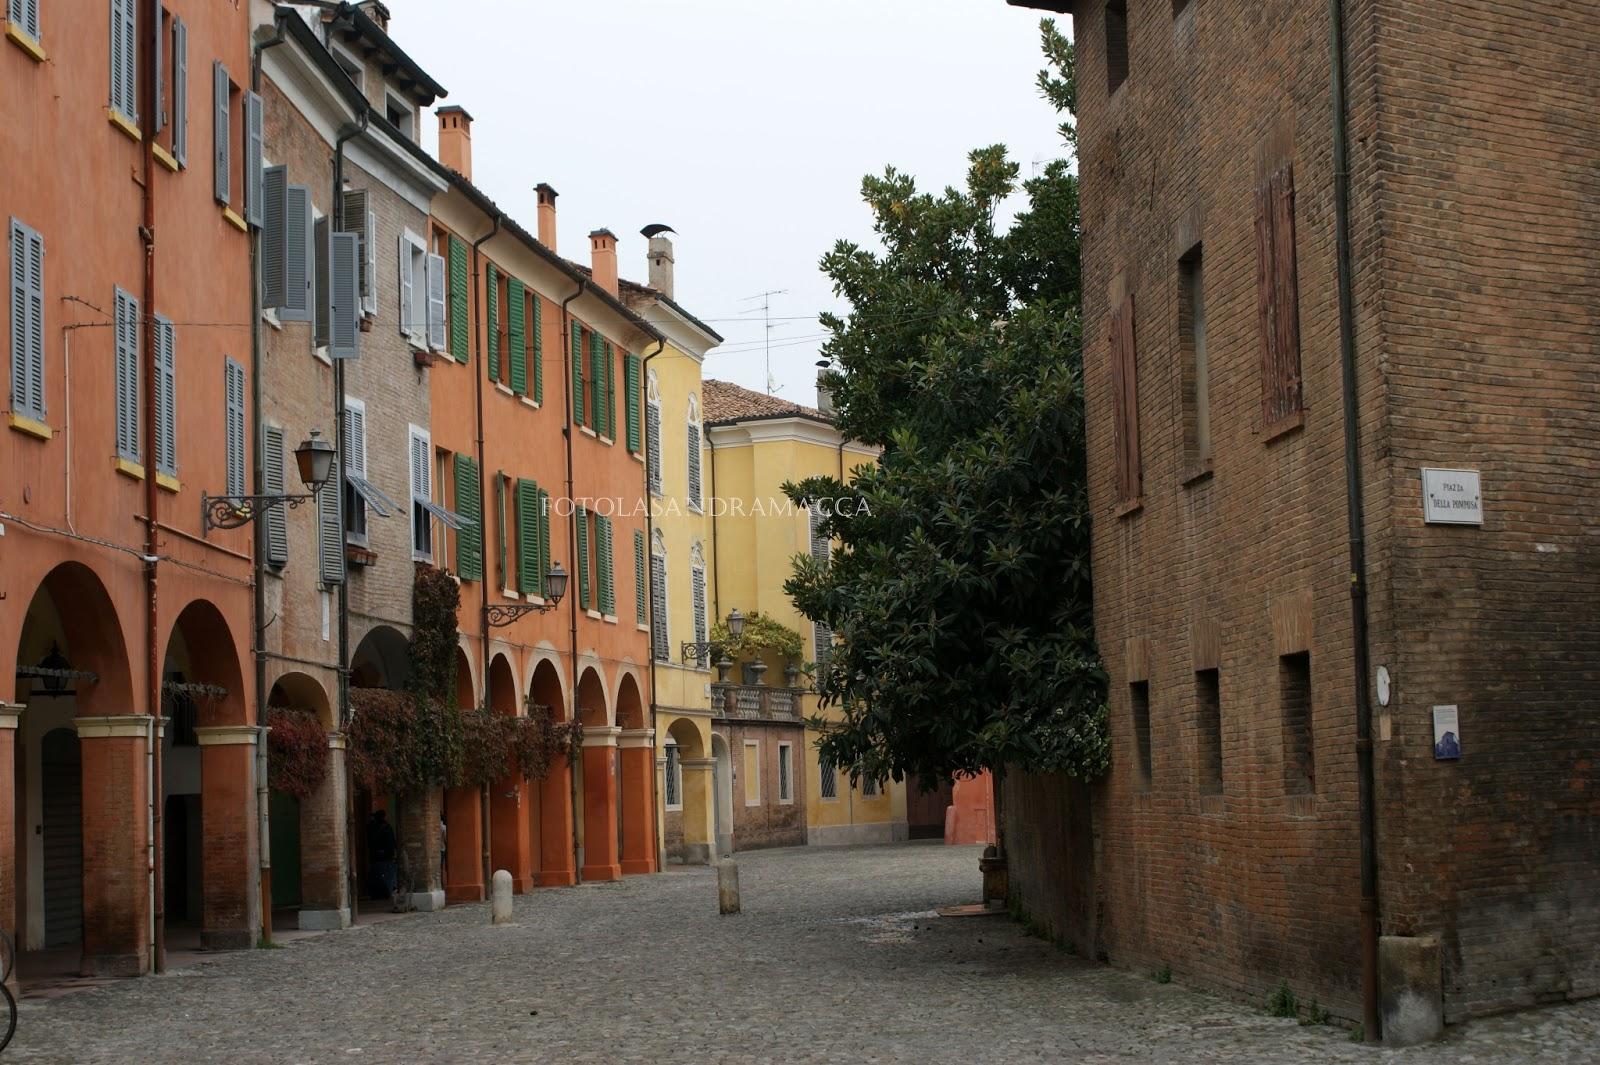 Lasandramacca portici di modena for 1 piani di fattoria storia con avvolgente portico